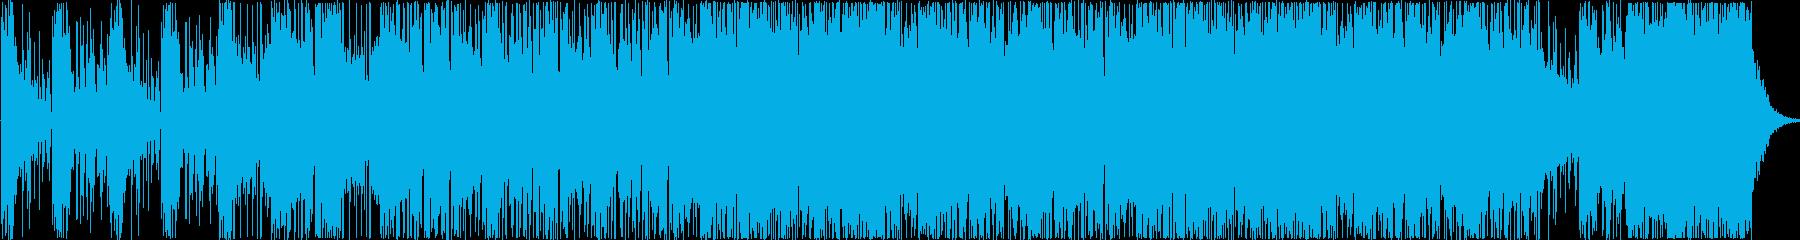 暗い緊張感のあるダークなイメージの曲の再生済みの波形